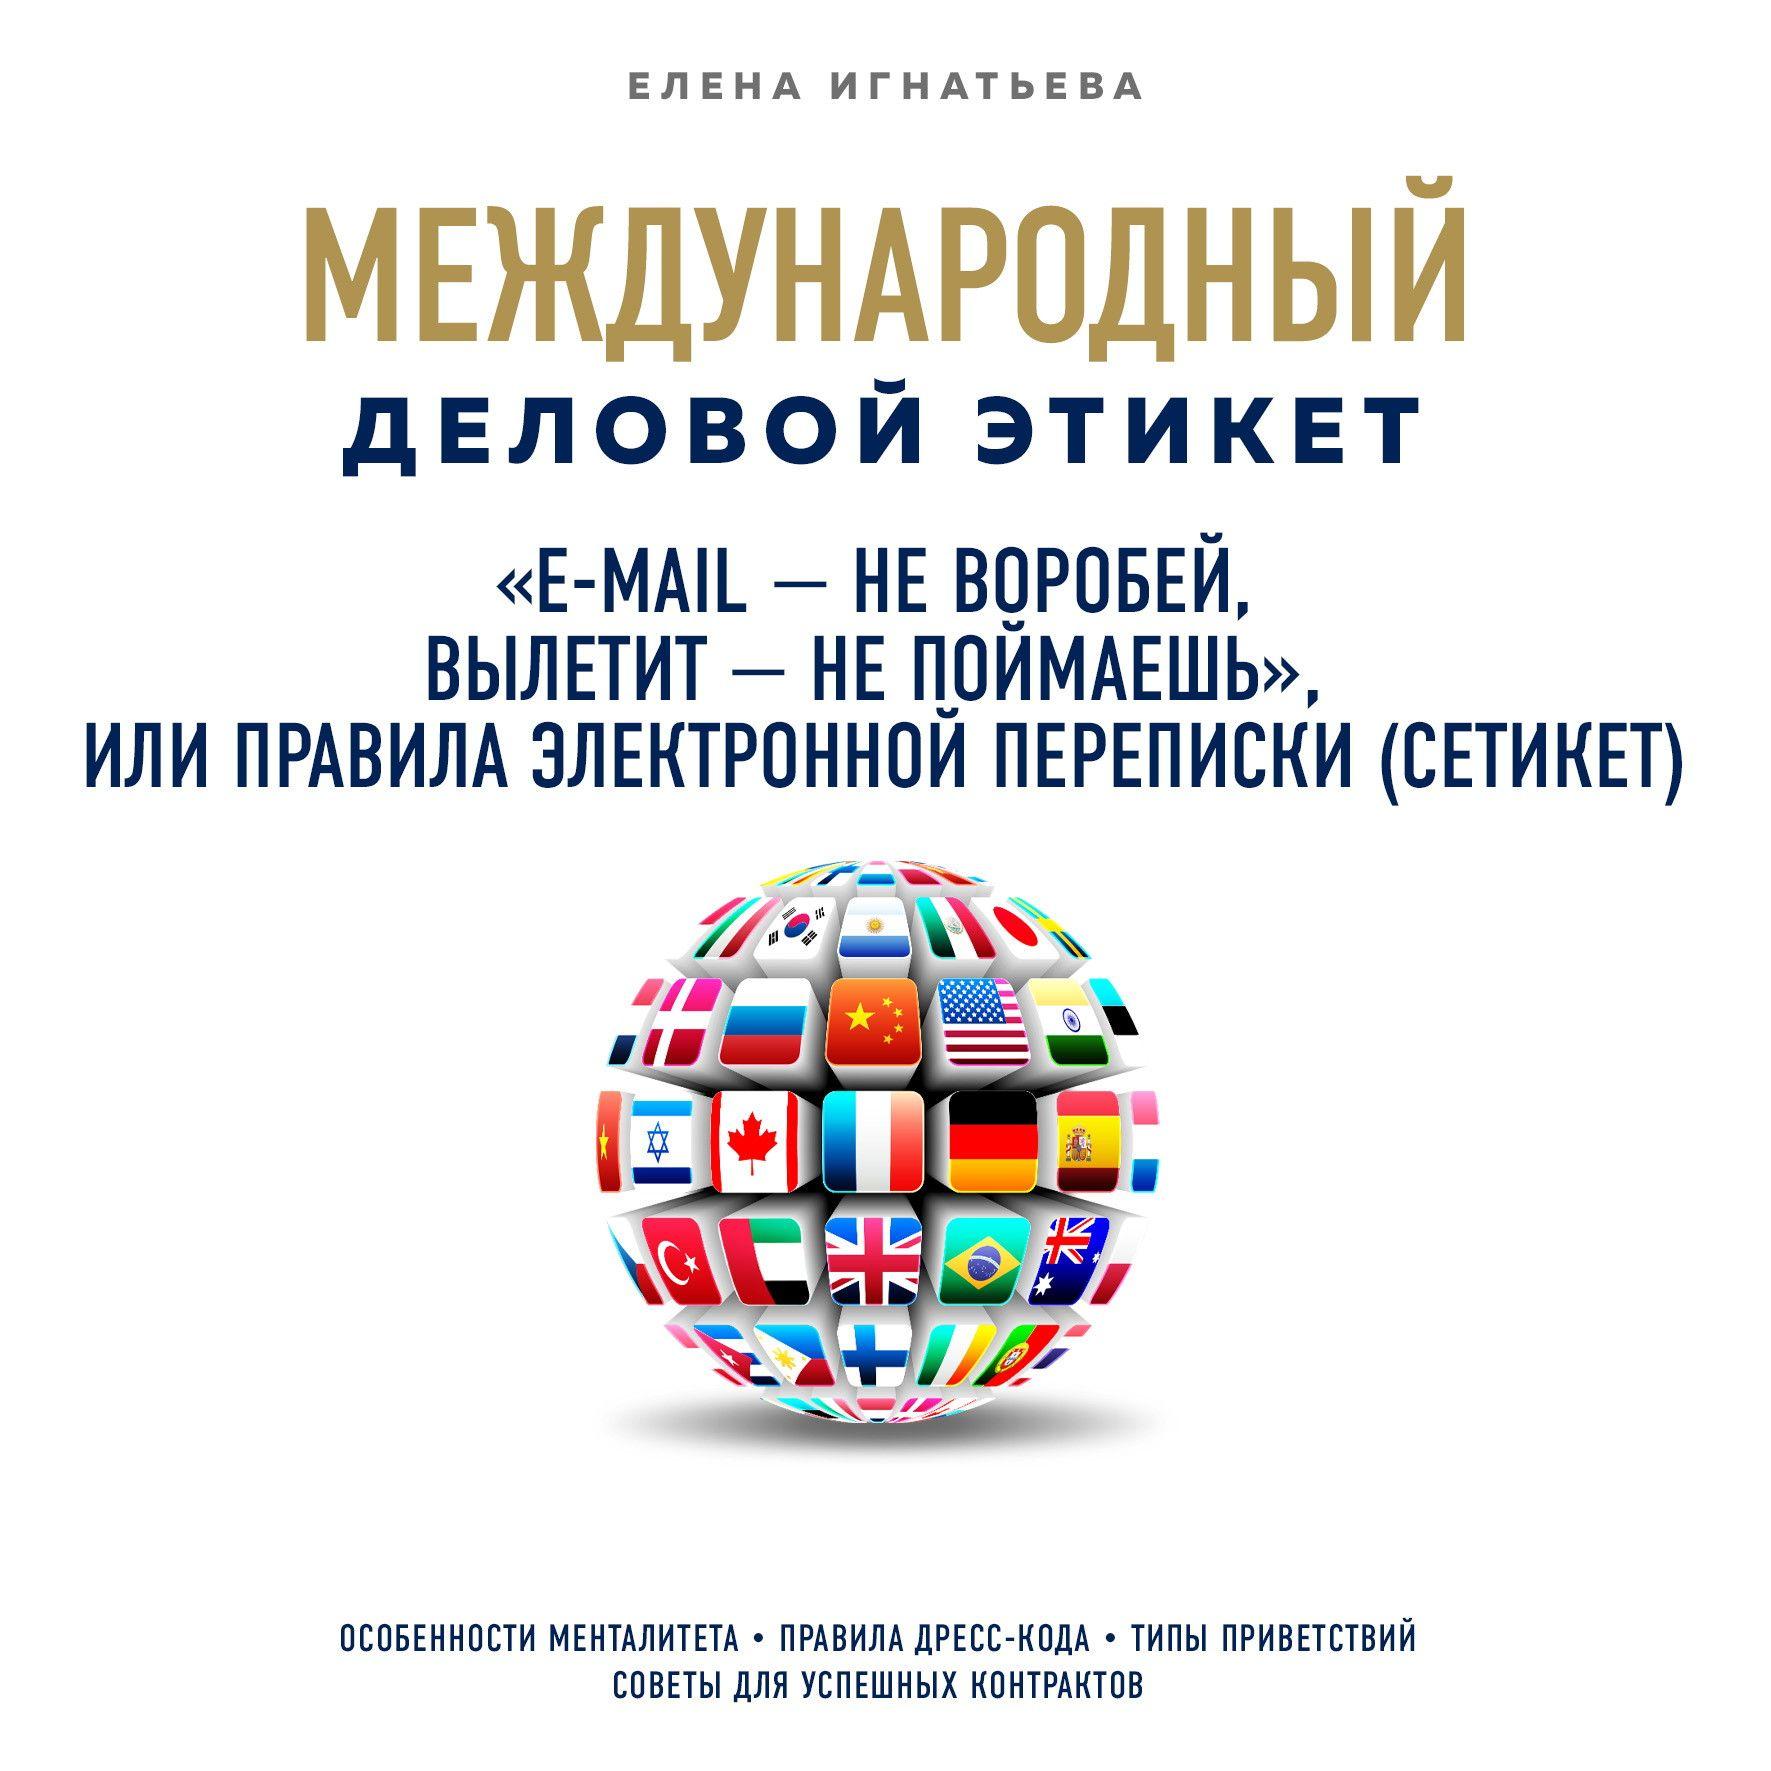 Елена Сергеевна Игнатьева «E-mail – не воробей, вылетит – не поймаешь», или Правила электронной переписки (сетикет)